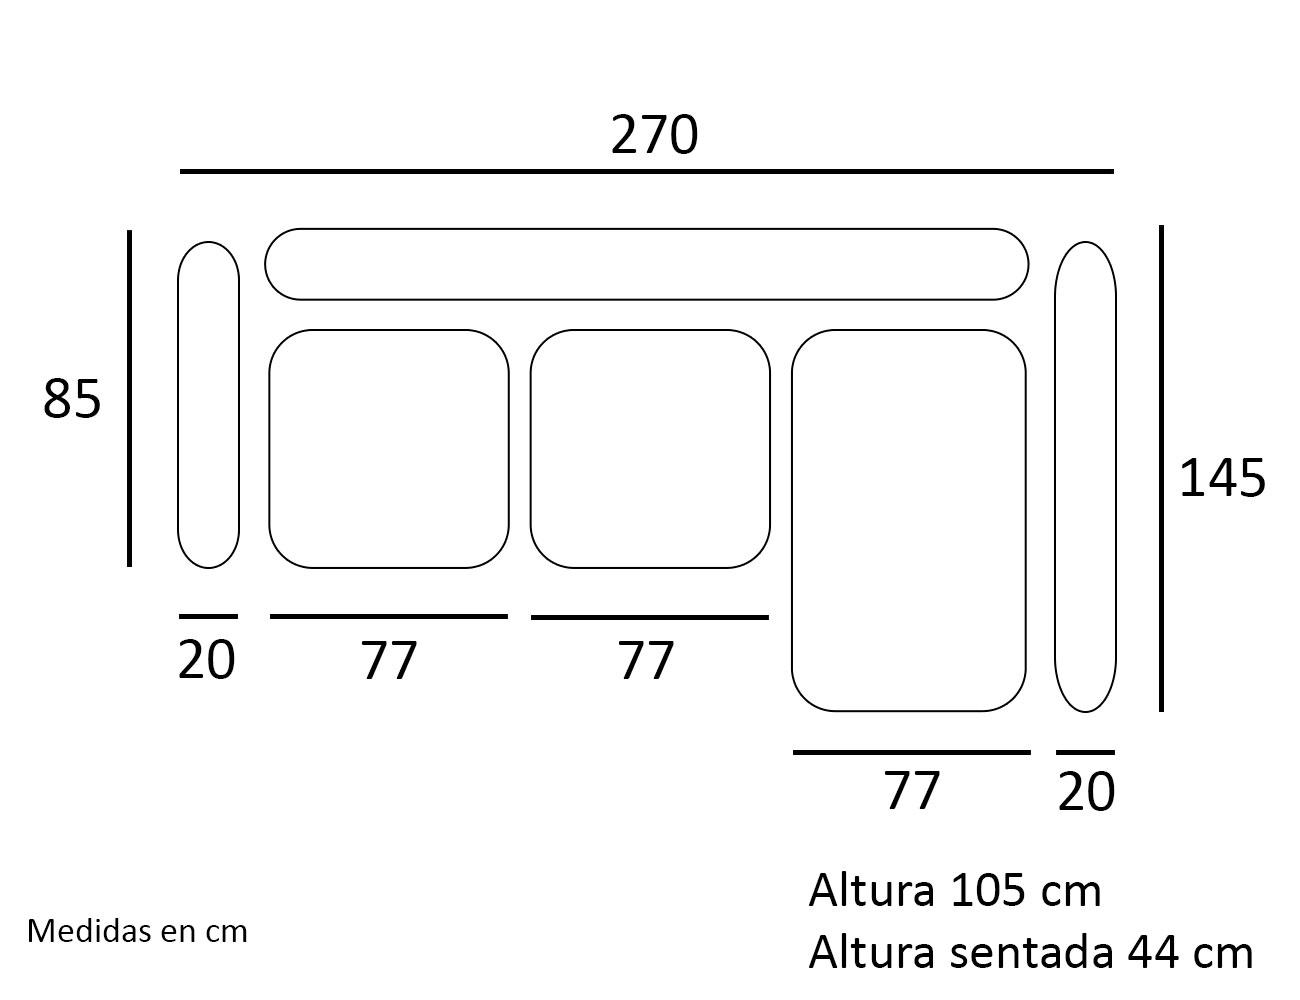 Croquis chaiselongue sofa derecho 2704